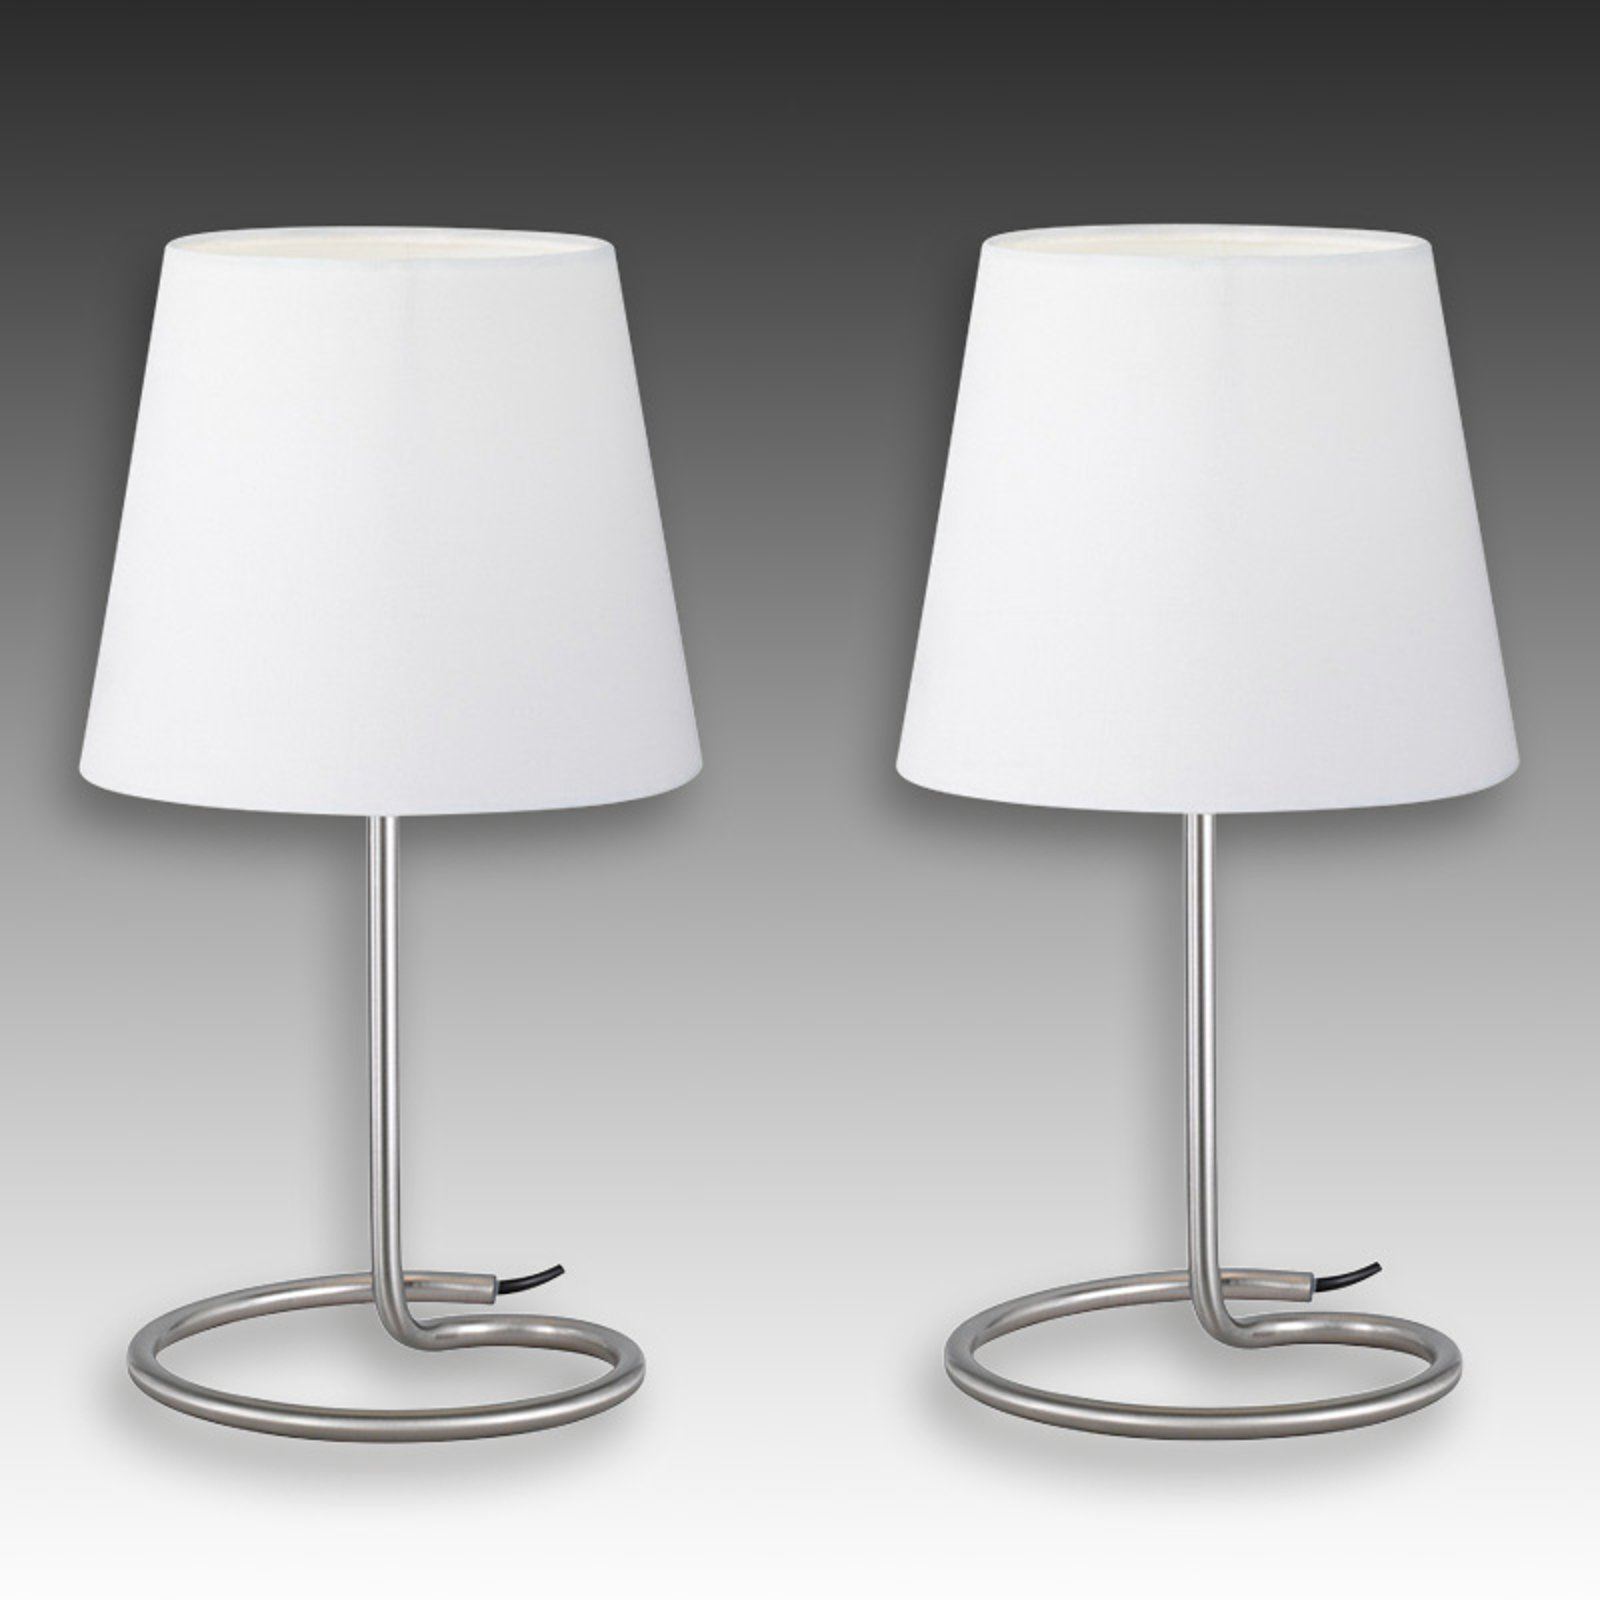 Twin - moderne bordlampesett